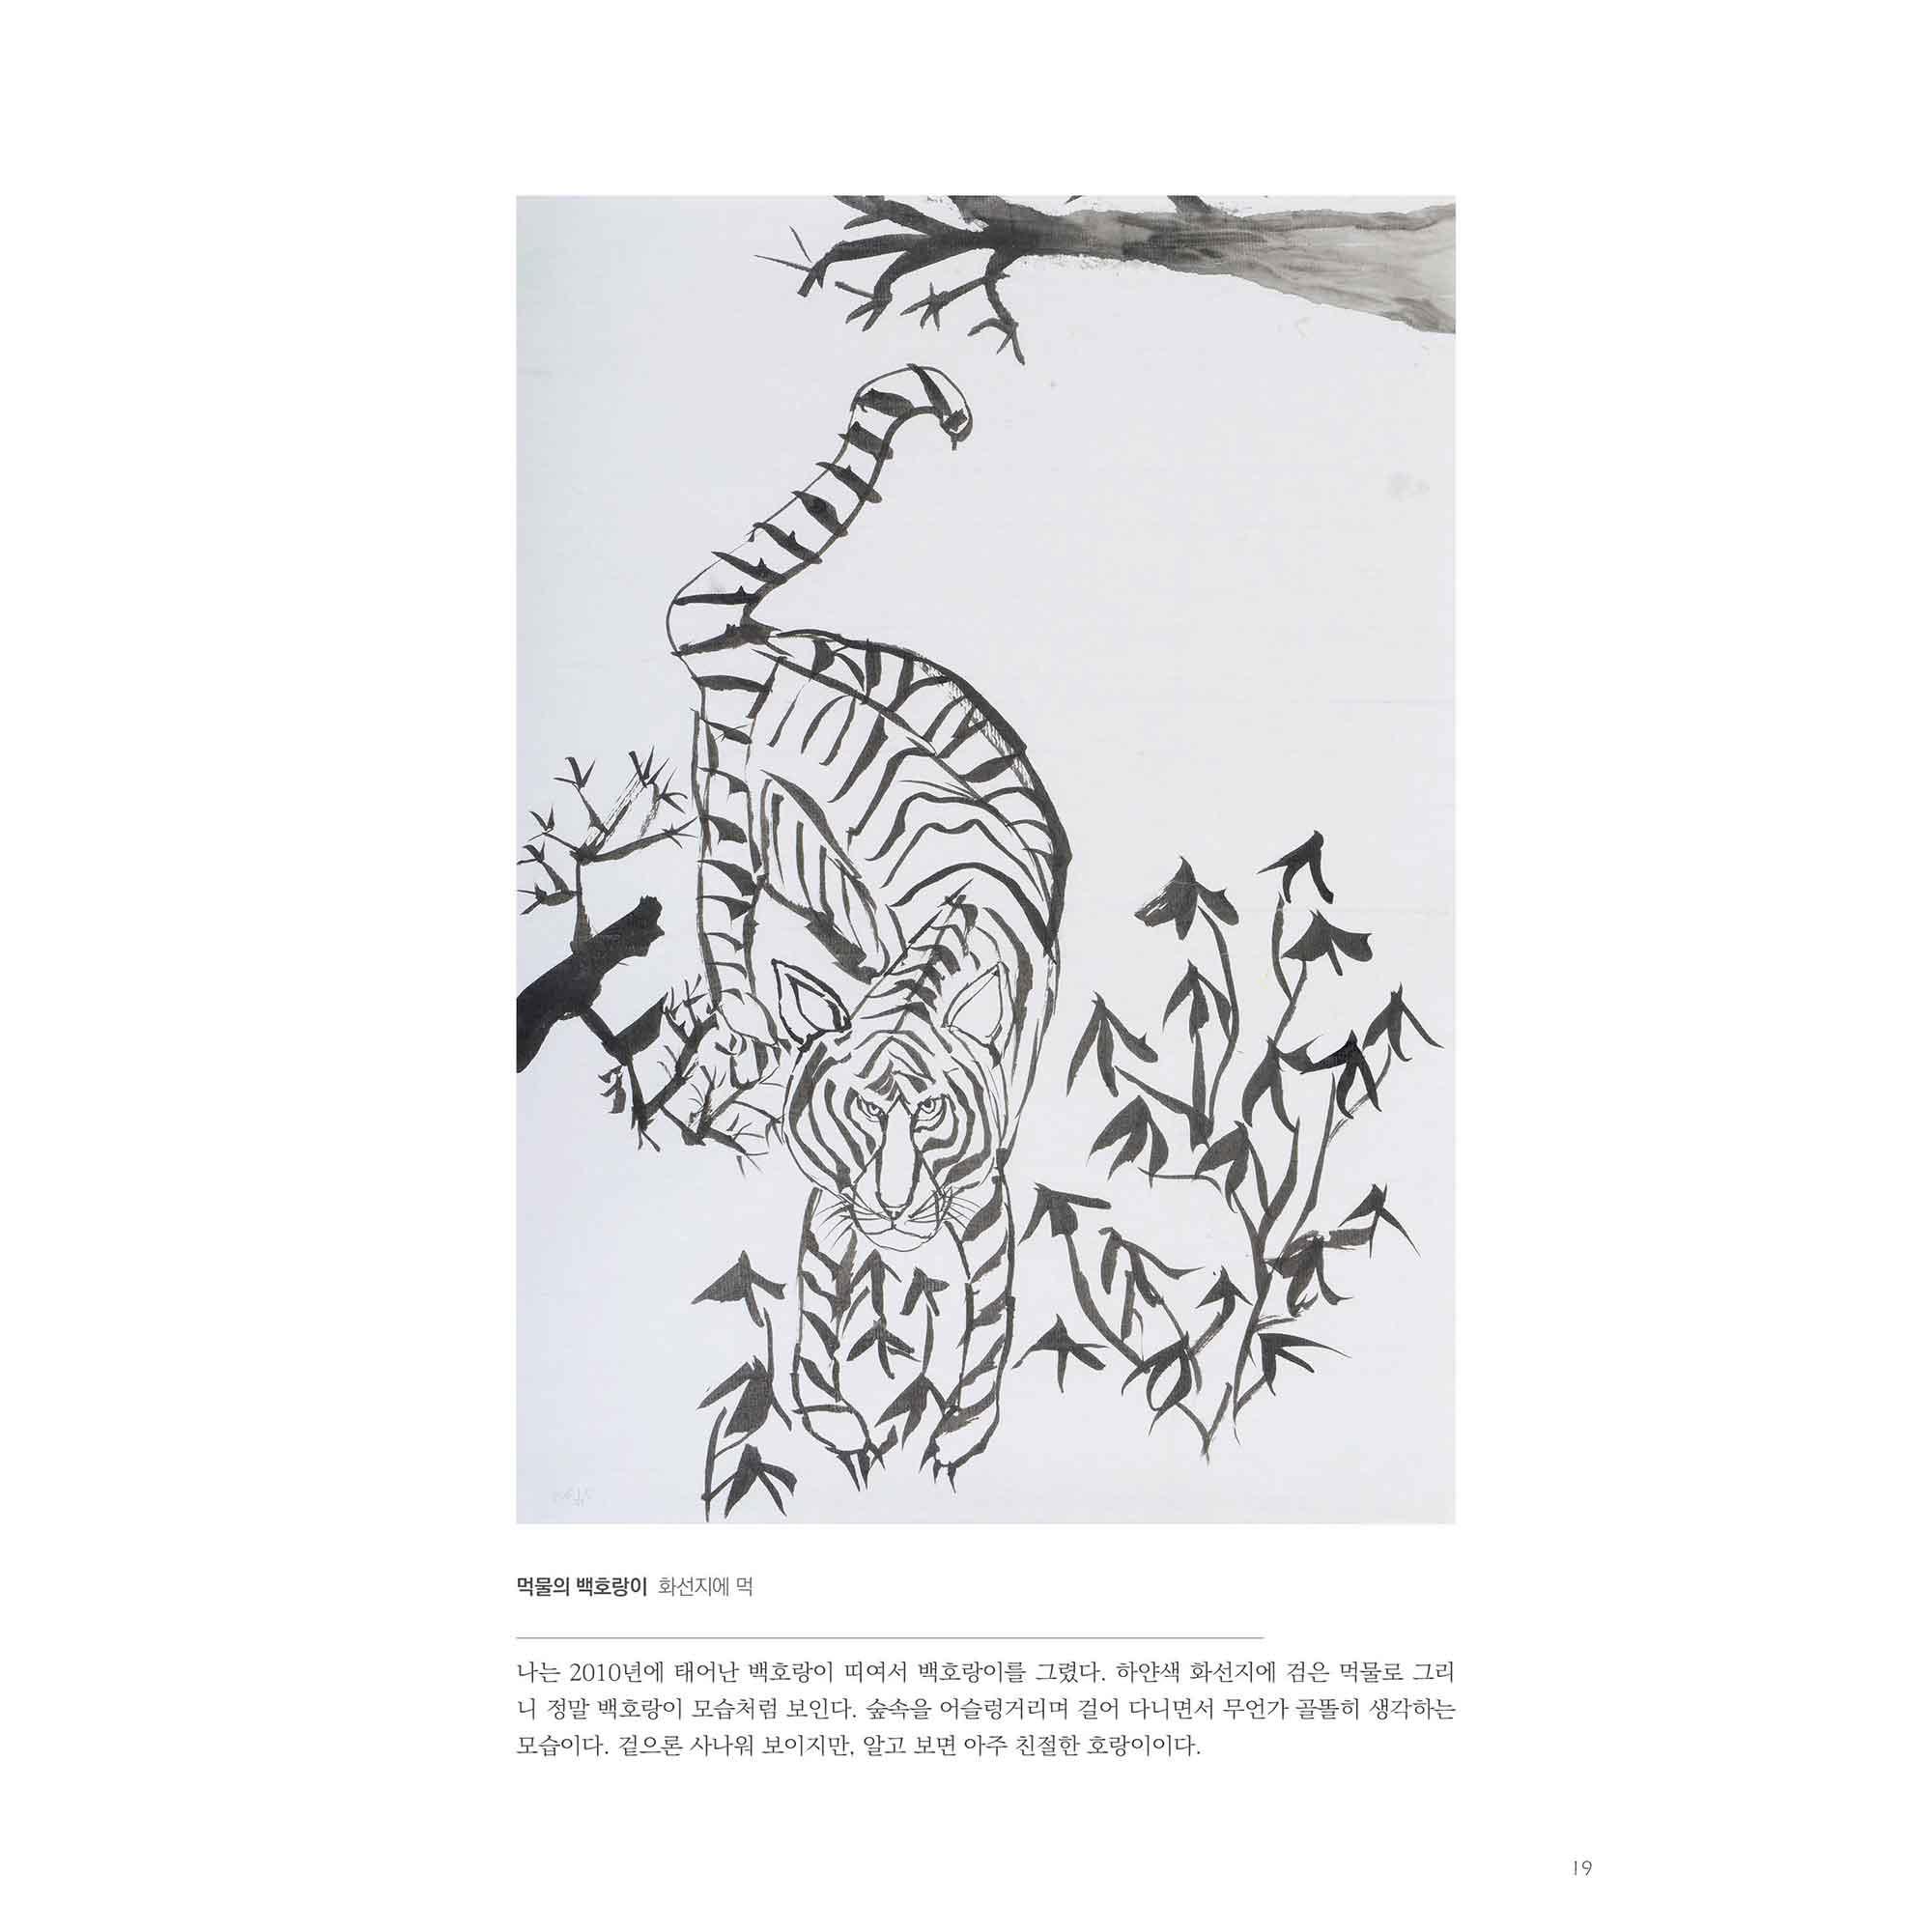 마음속의 새싹 / 서울시교육청 전통문화재단 영재교육원 외 지음